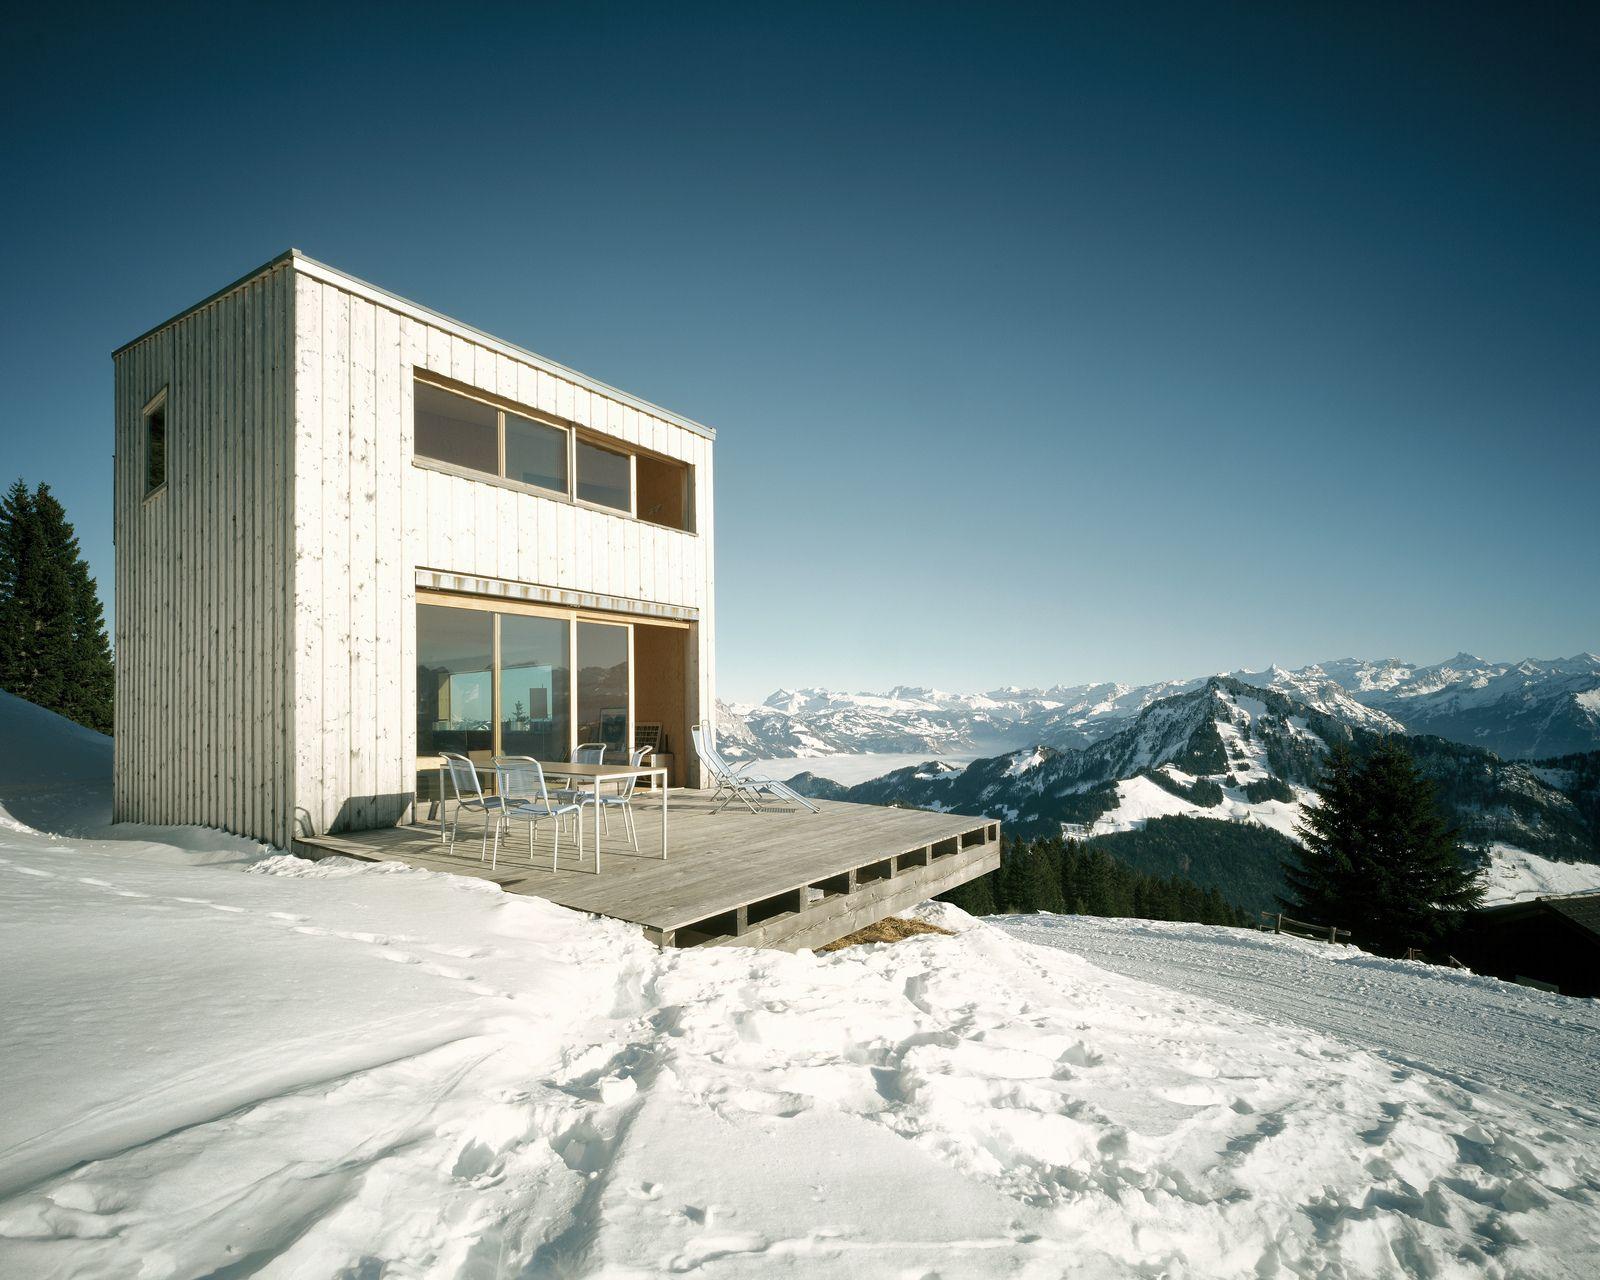 Ferienhaus wohnen modernen kabinen moderne häuser schweizer alpen architektur innenarchitektur zeitgenössische architektur home interior design